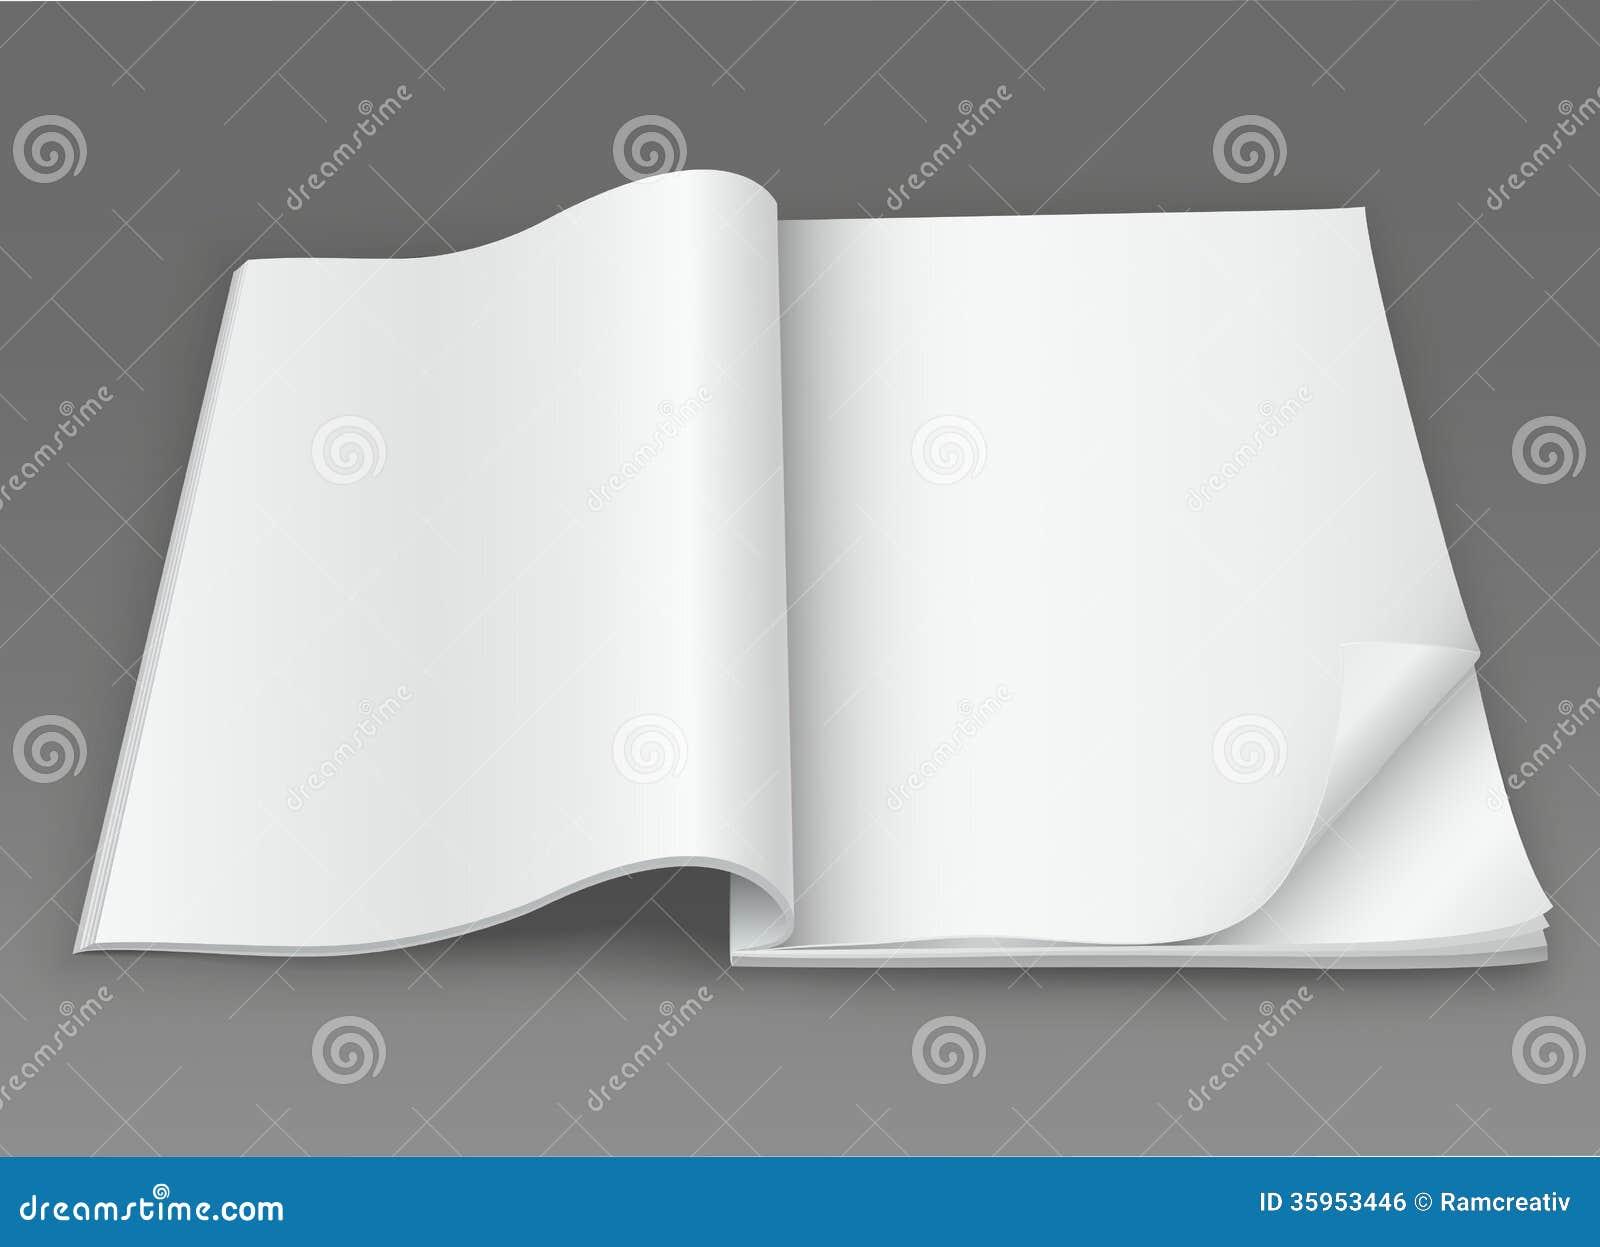 Revista abierta del espacio en blanco blanco en un fondo oscuro